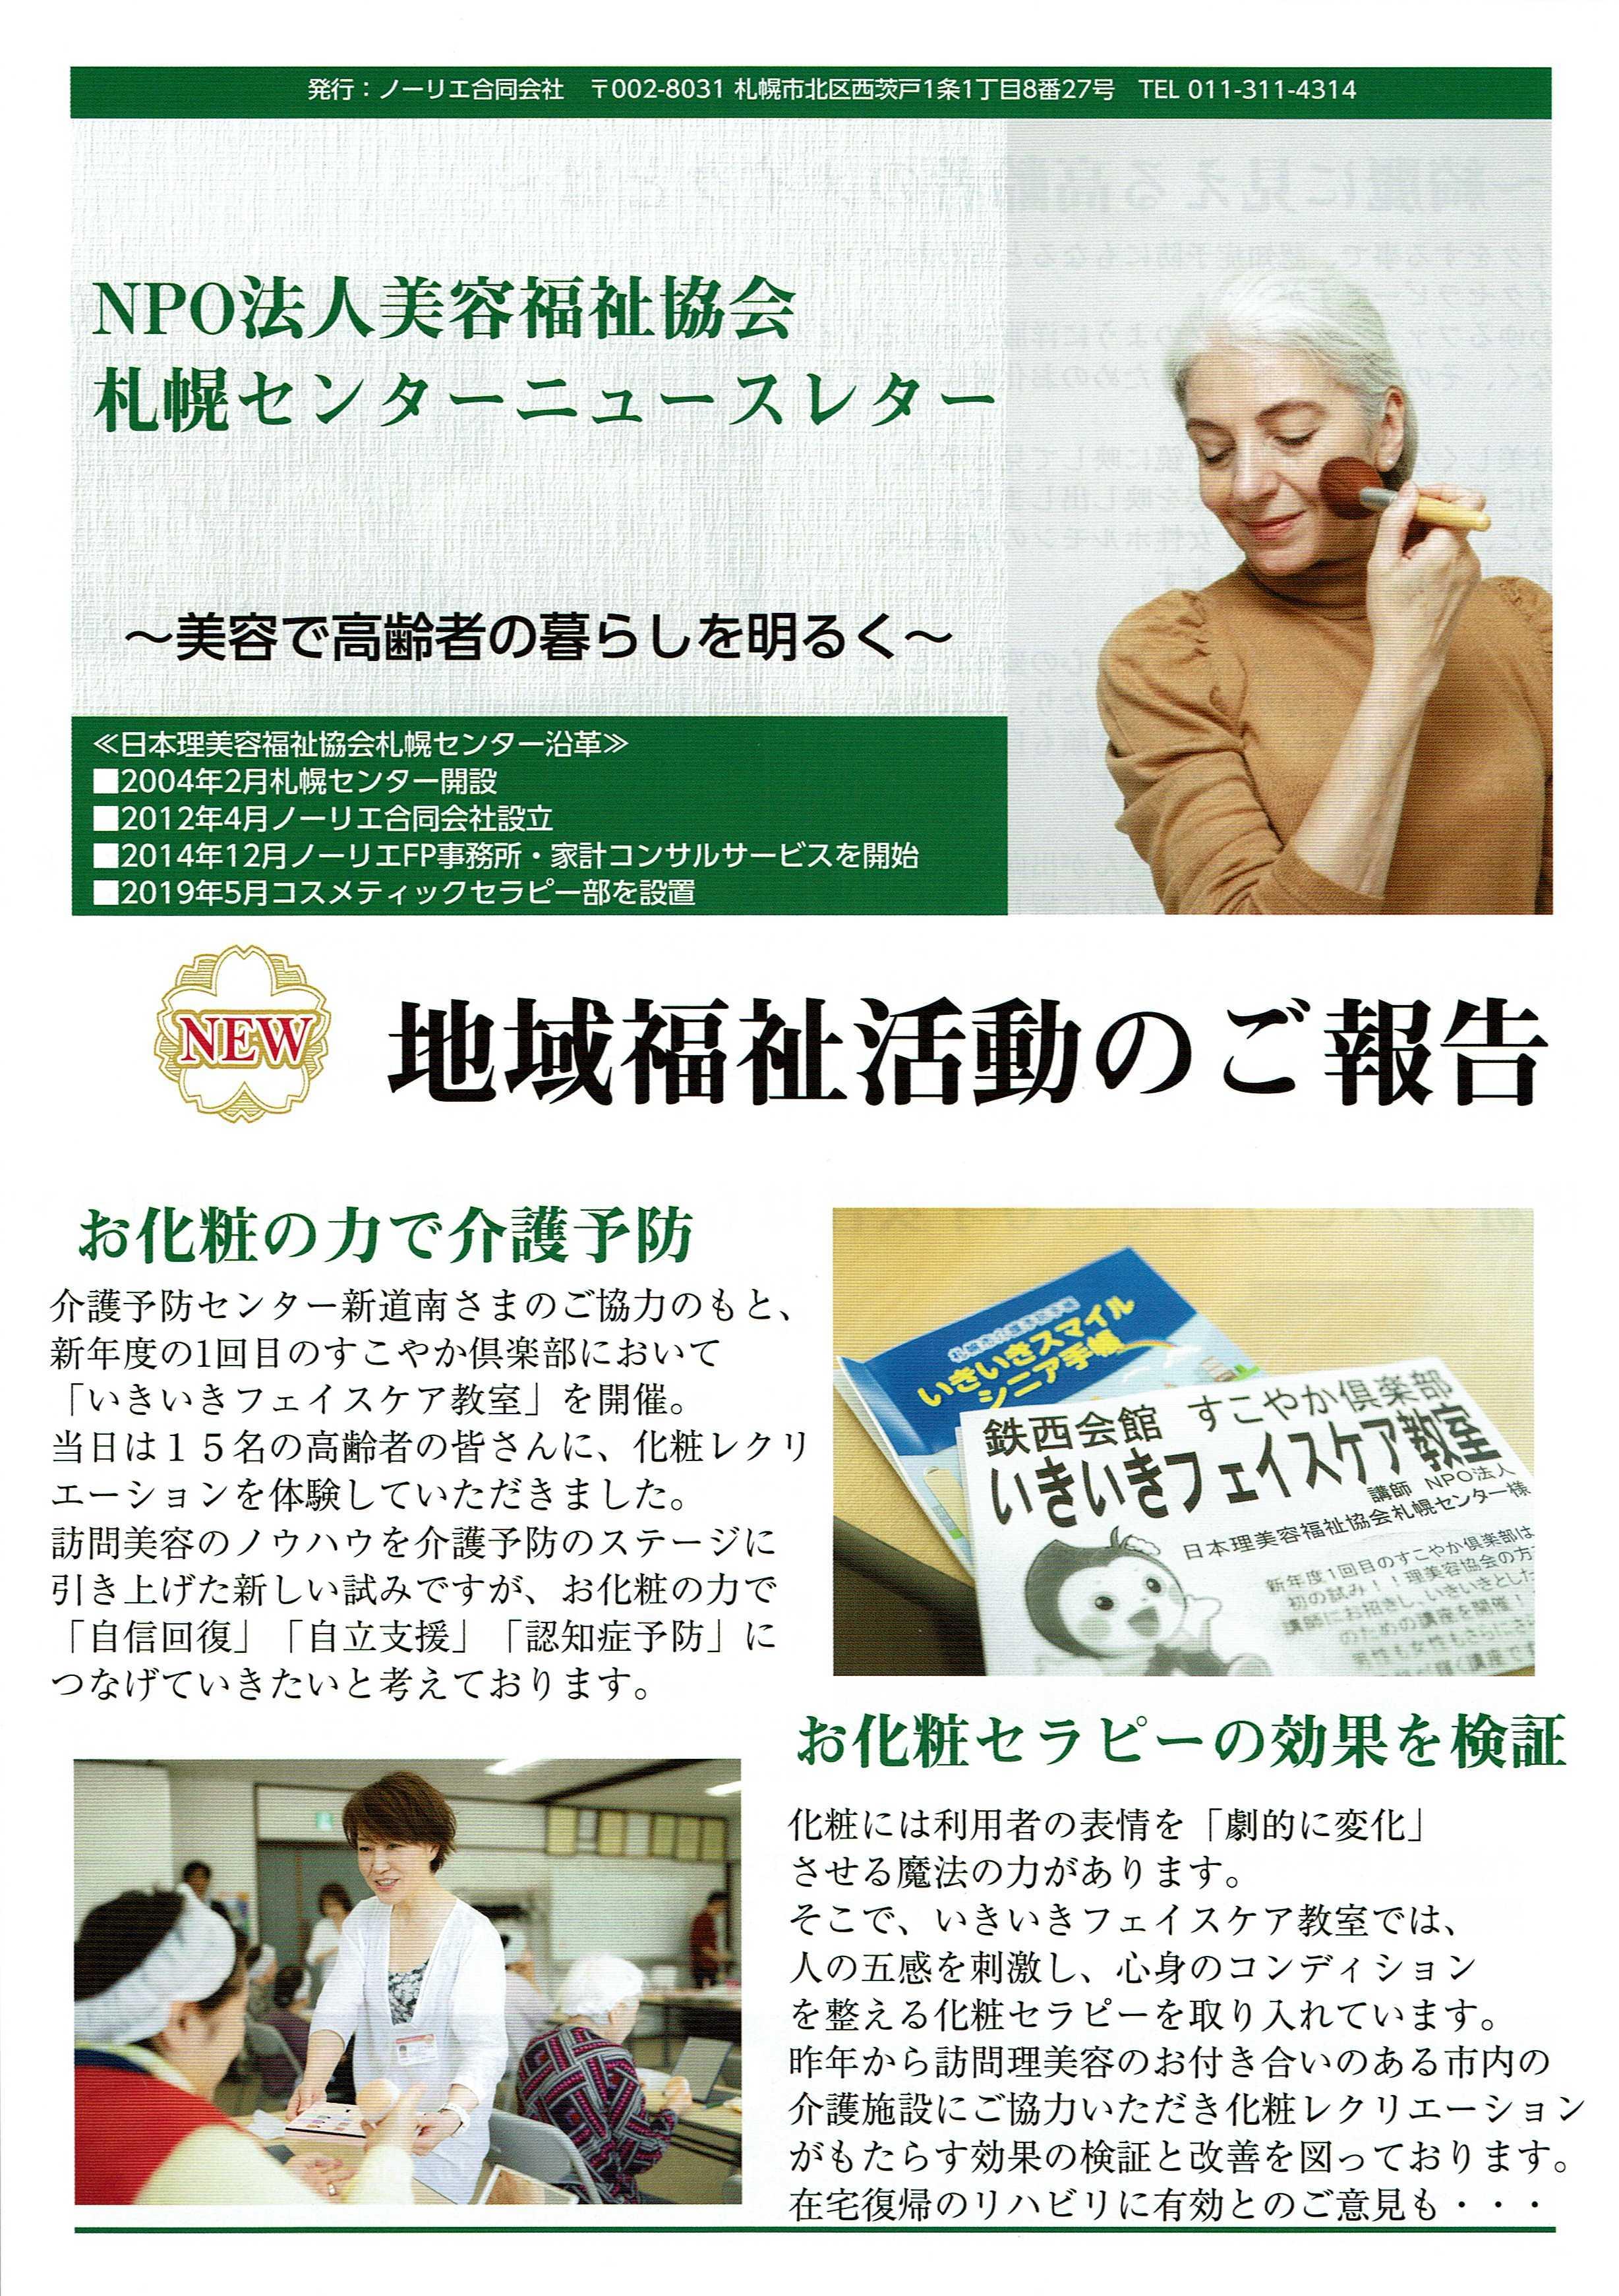 お化粧の力で介護予防・お化粧セラピーの効果を介護予防教室で検証